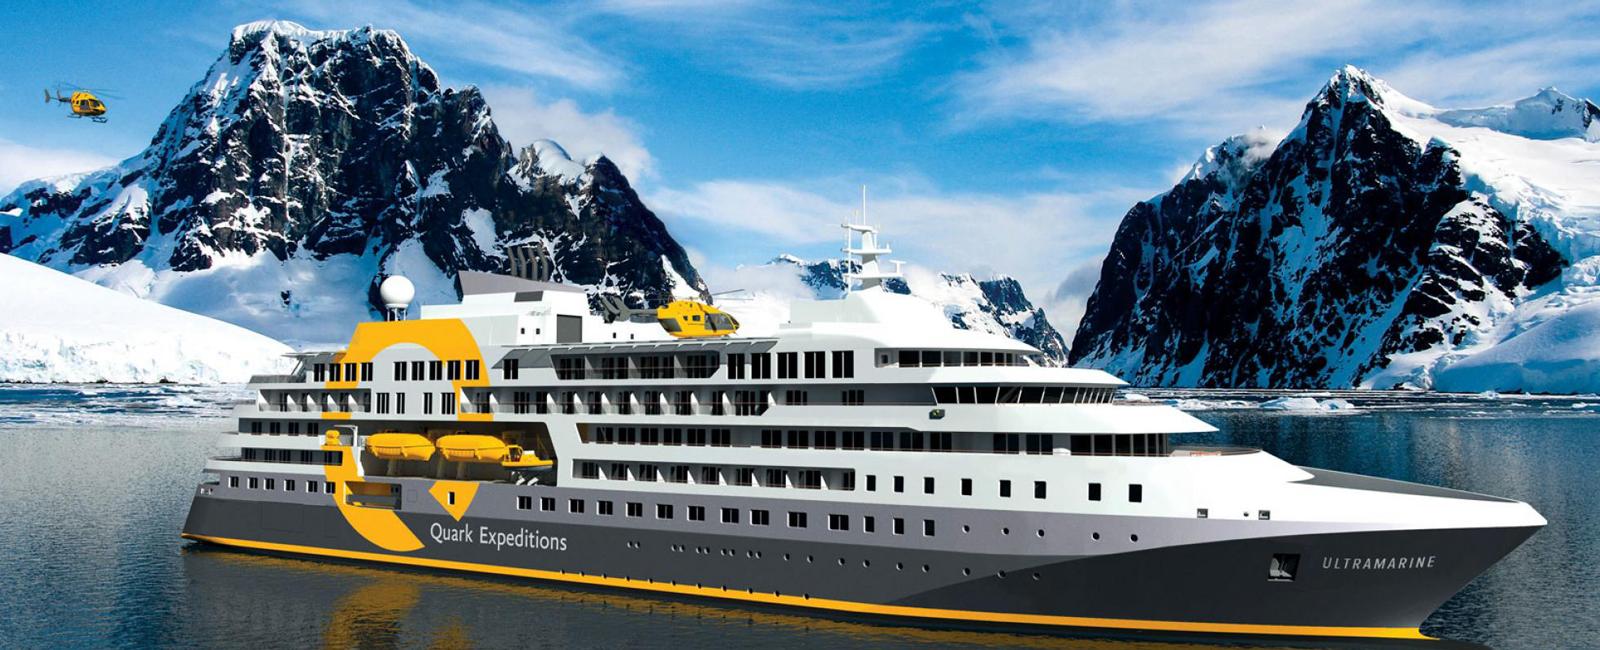 Quark Expeditions neues Polar-Kreuzfahrtschiff ist für die erste Saison buchbar